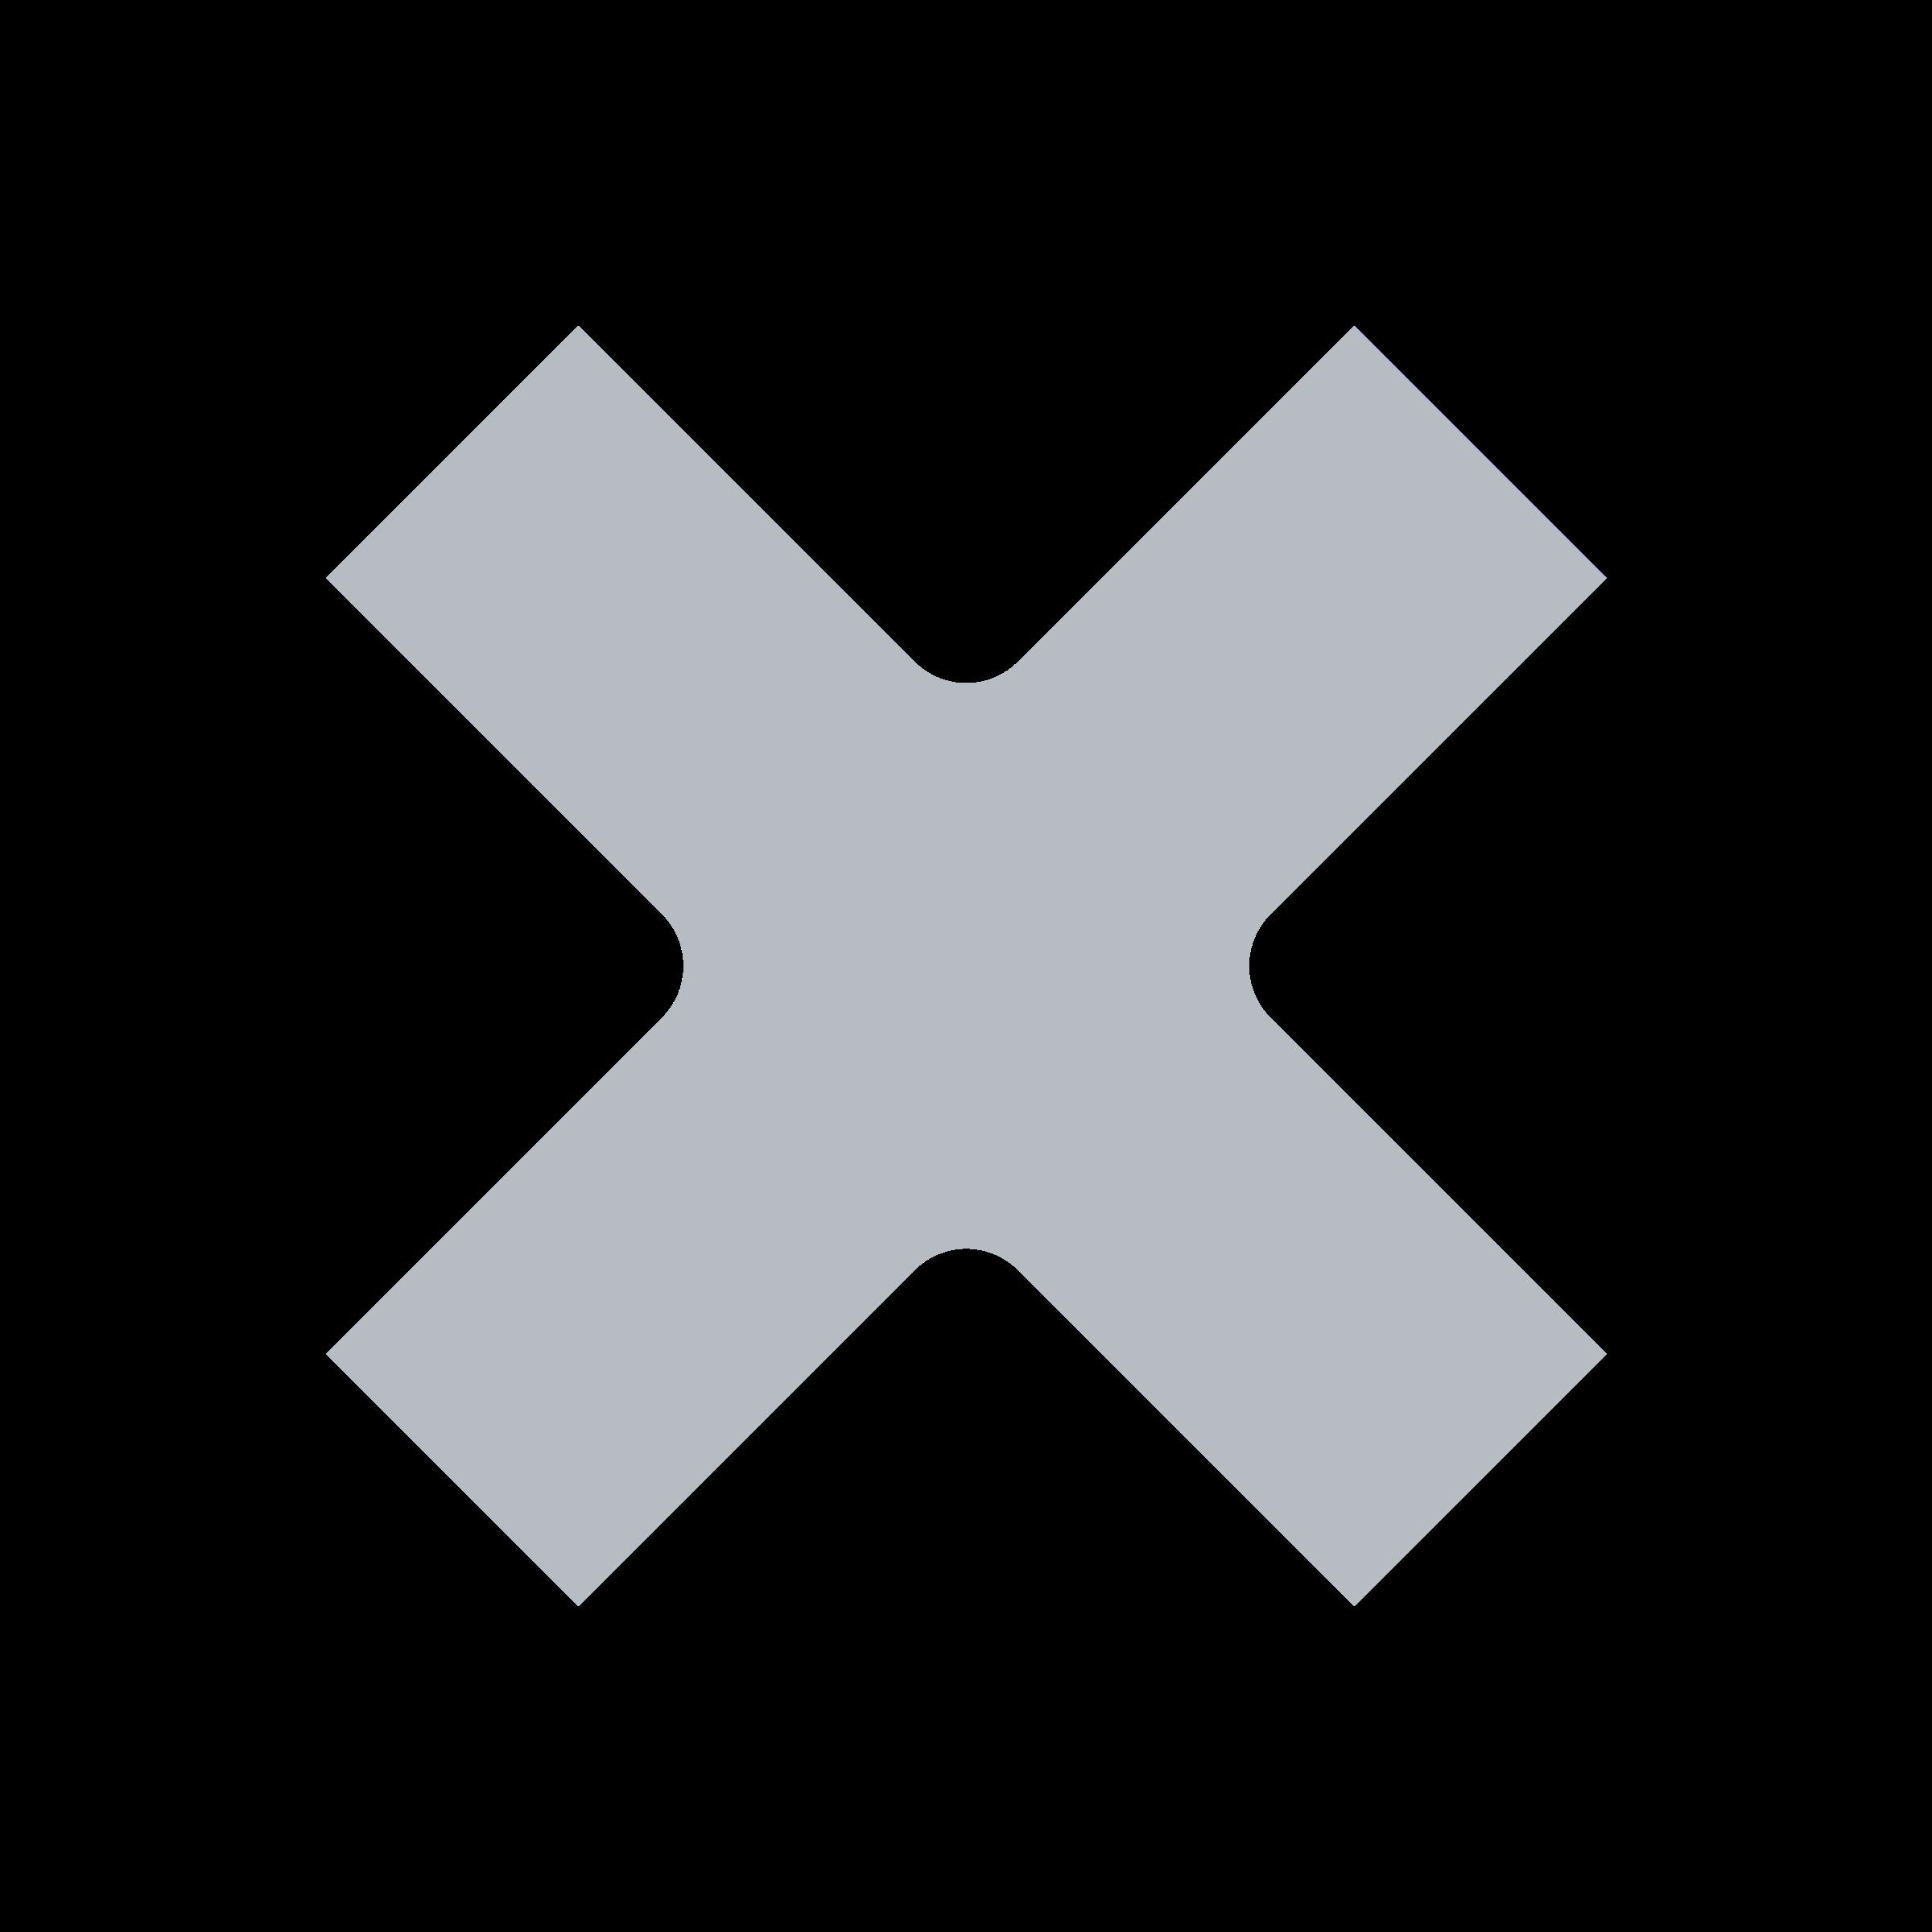 X Icon Gray Clipart - Cross icon